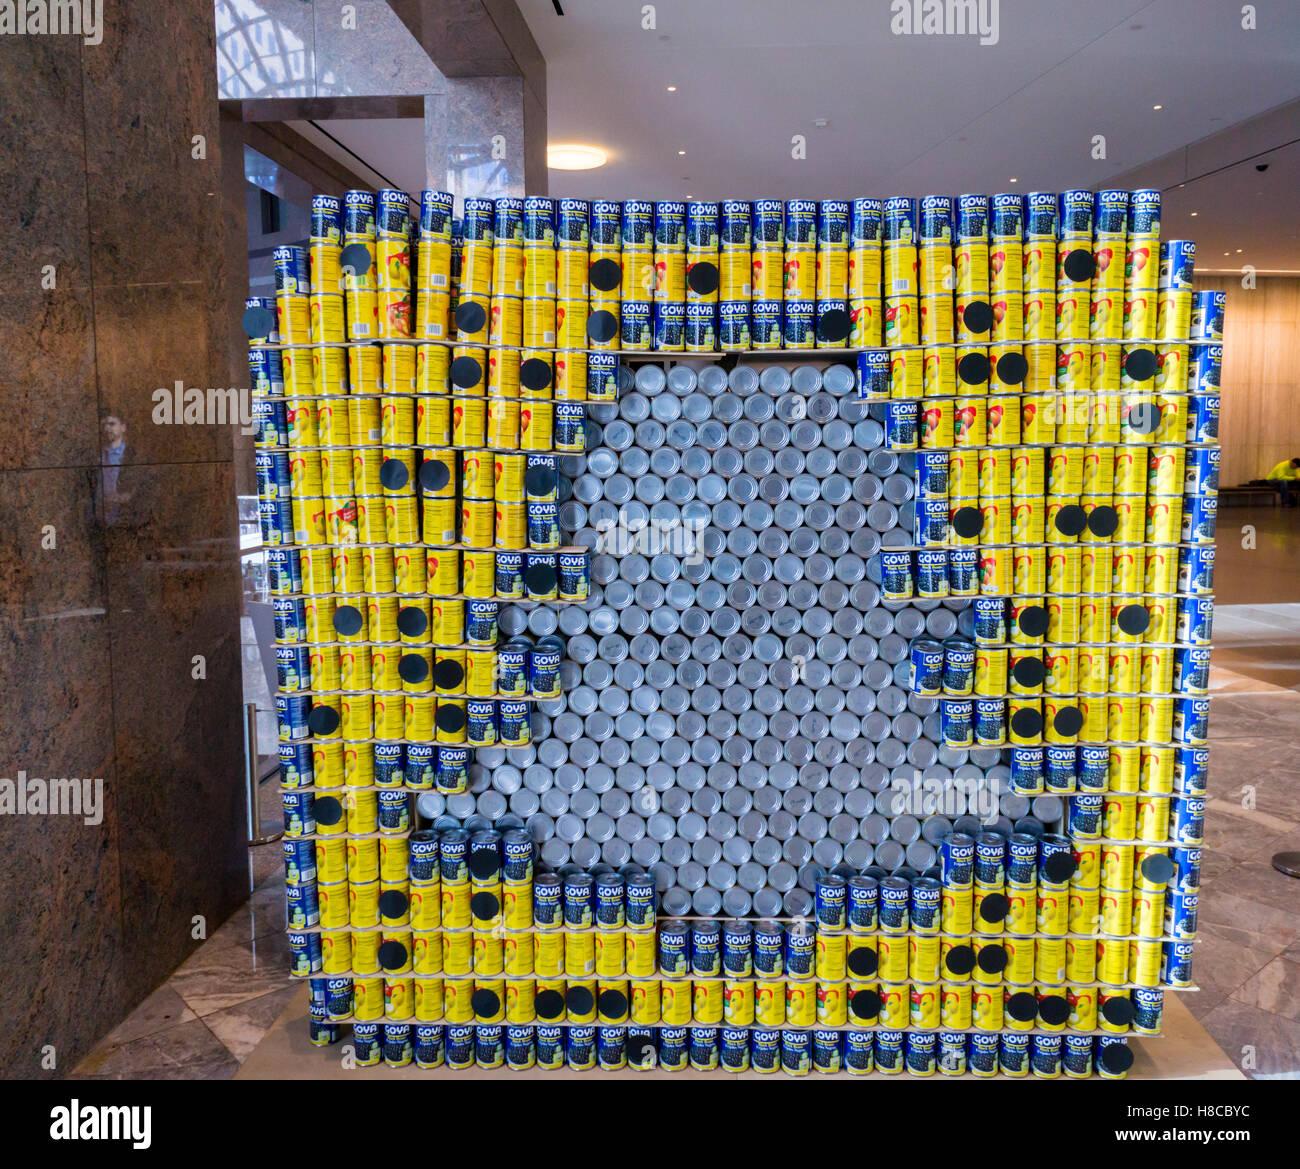 Asnp! Et la faim est allé par Ganmett Fleming dans la 24e édition du Concours de Design de Canstruction Photo Stock